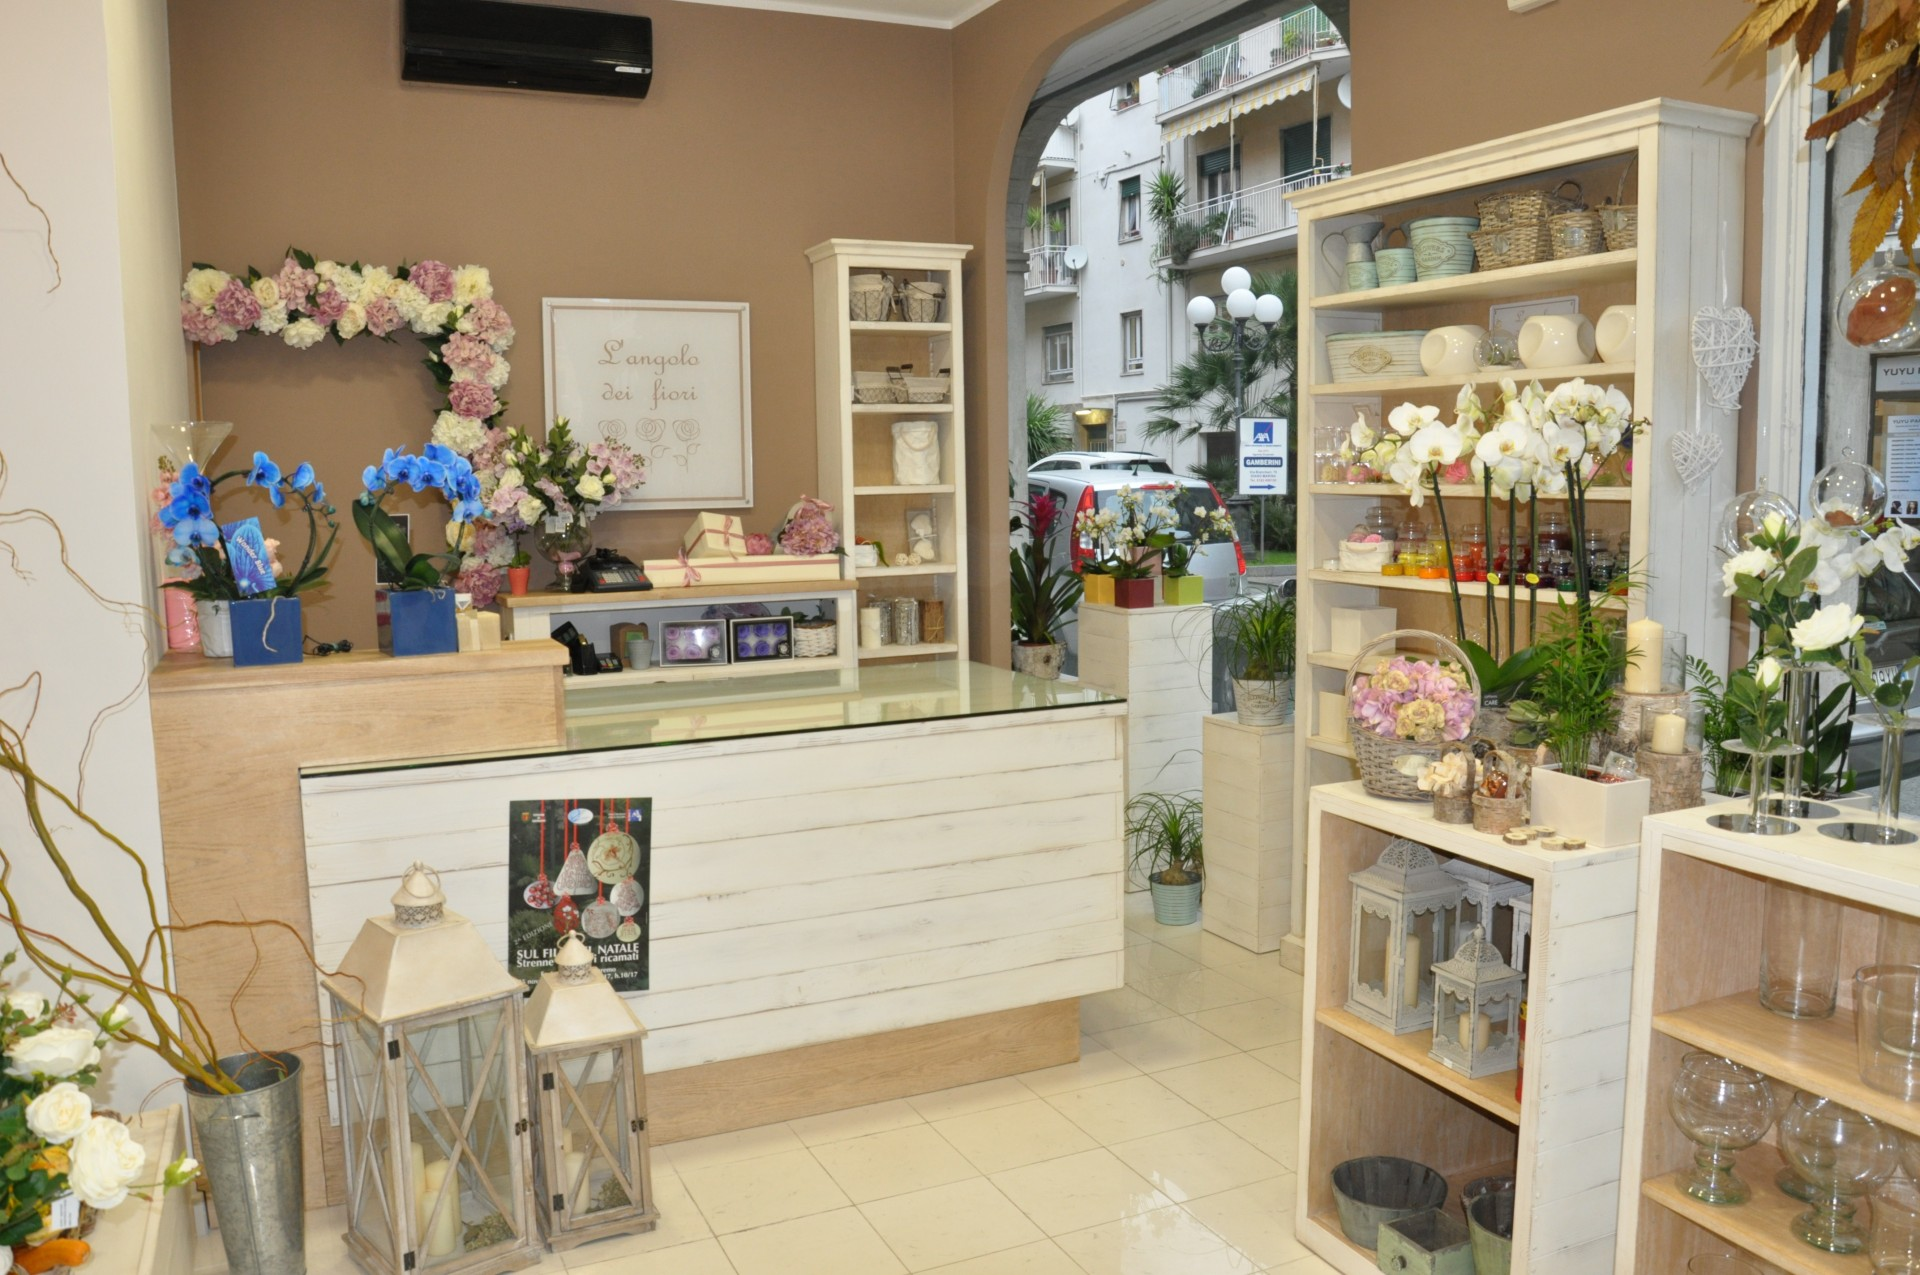 Arredamento in legno per negozio di fiori | Fadini Mobili Cerea Verona